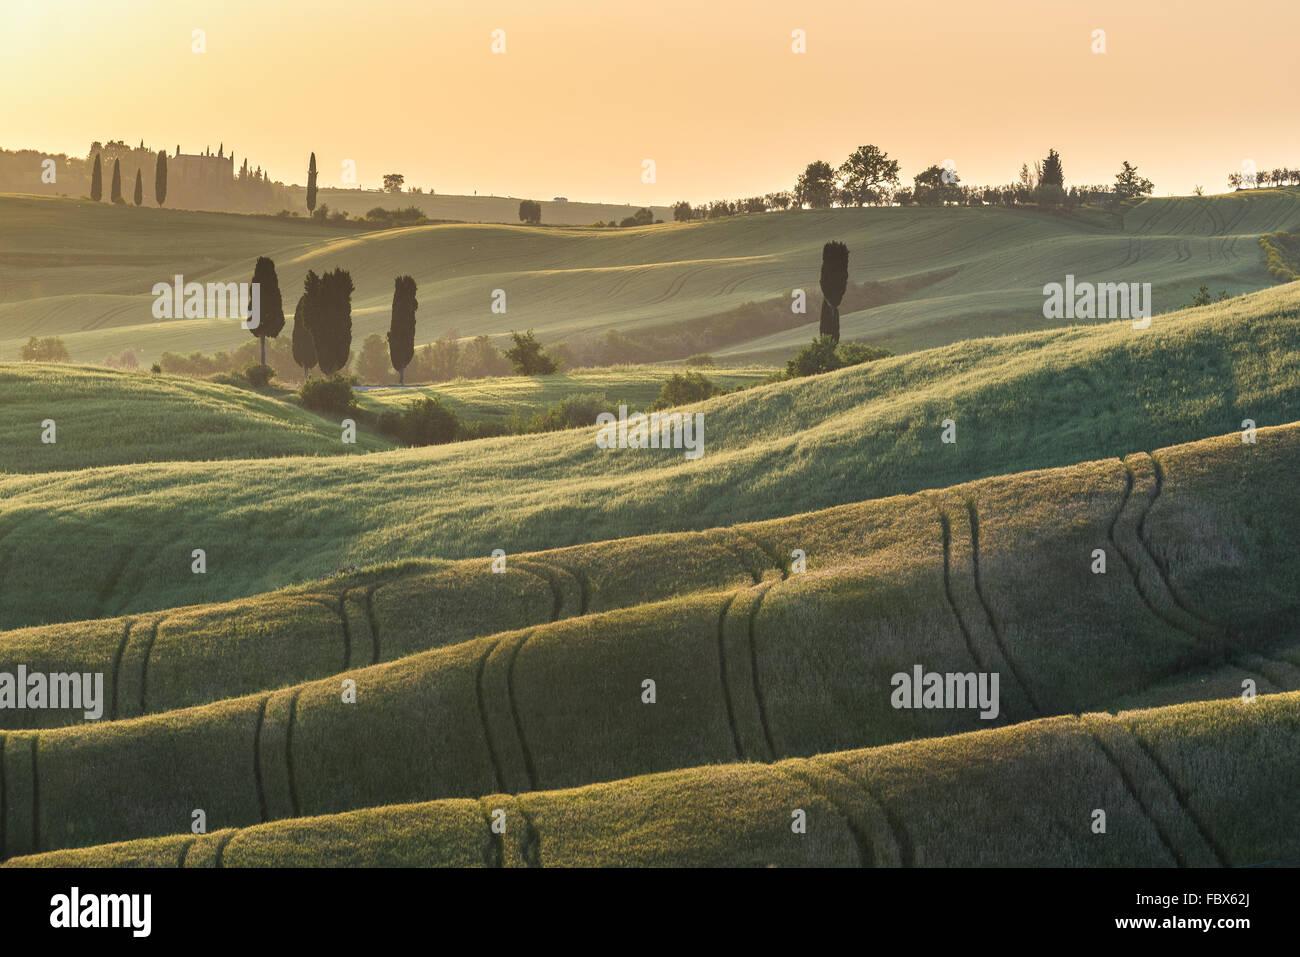 Sonnenuntergang am Sommer Felder in der Toskana Stockbild